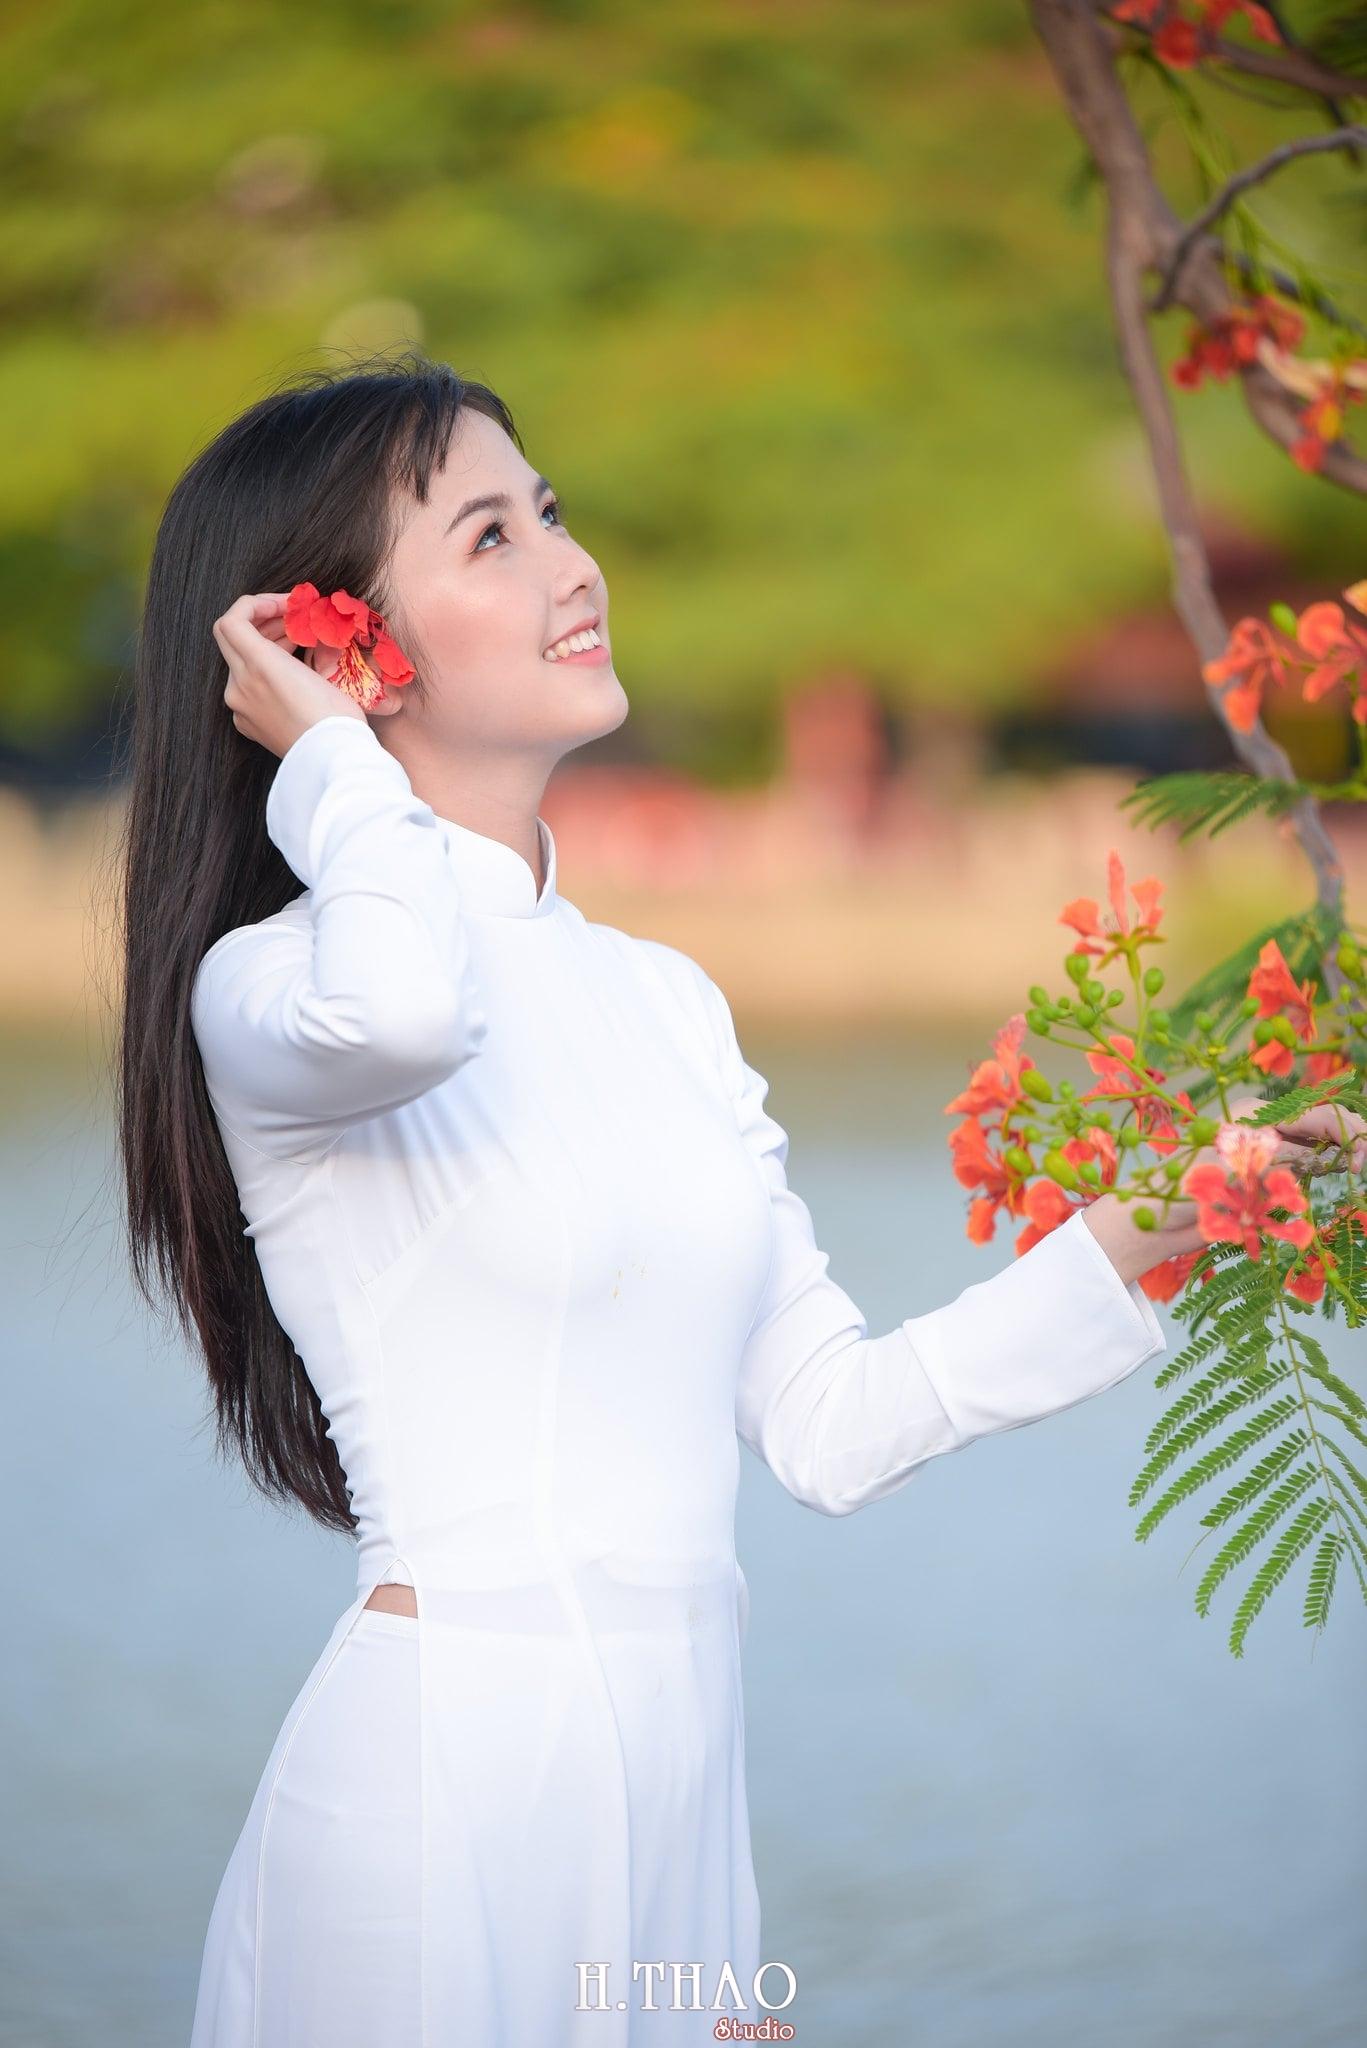 ao dai quan 2 4 - Bộ hình nữ sinh chụp với hoa phượng ở Sài Gòn tuyệt đẹp – HThao Studio